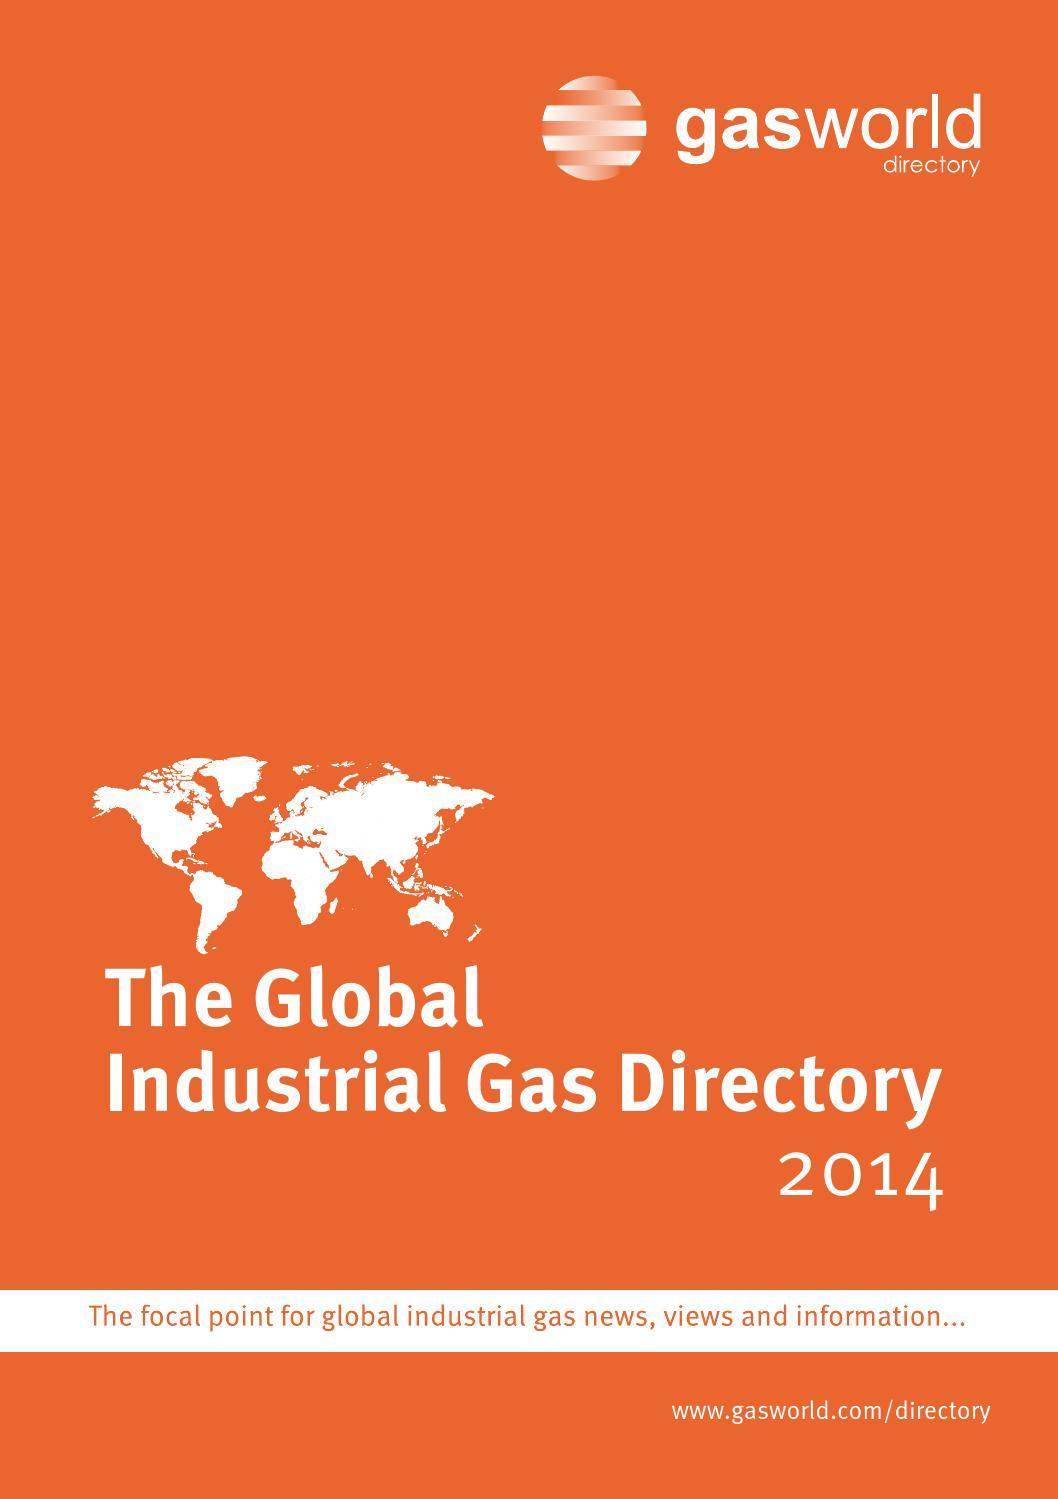 gasworld Global Industrial Gas Directory 2014 by gasworld - issuu